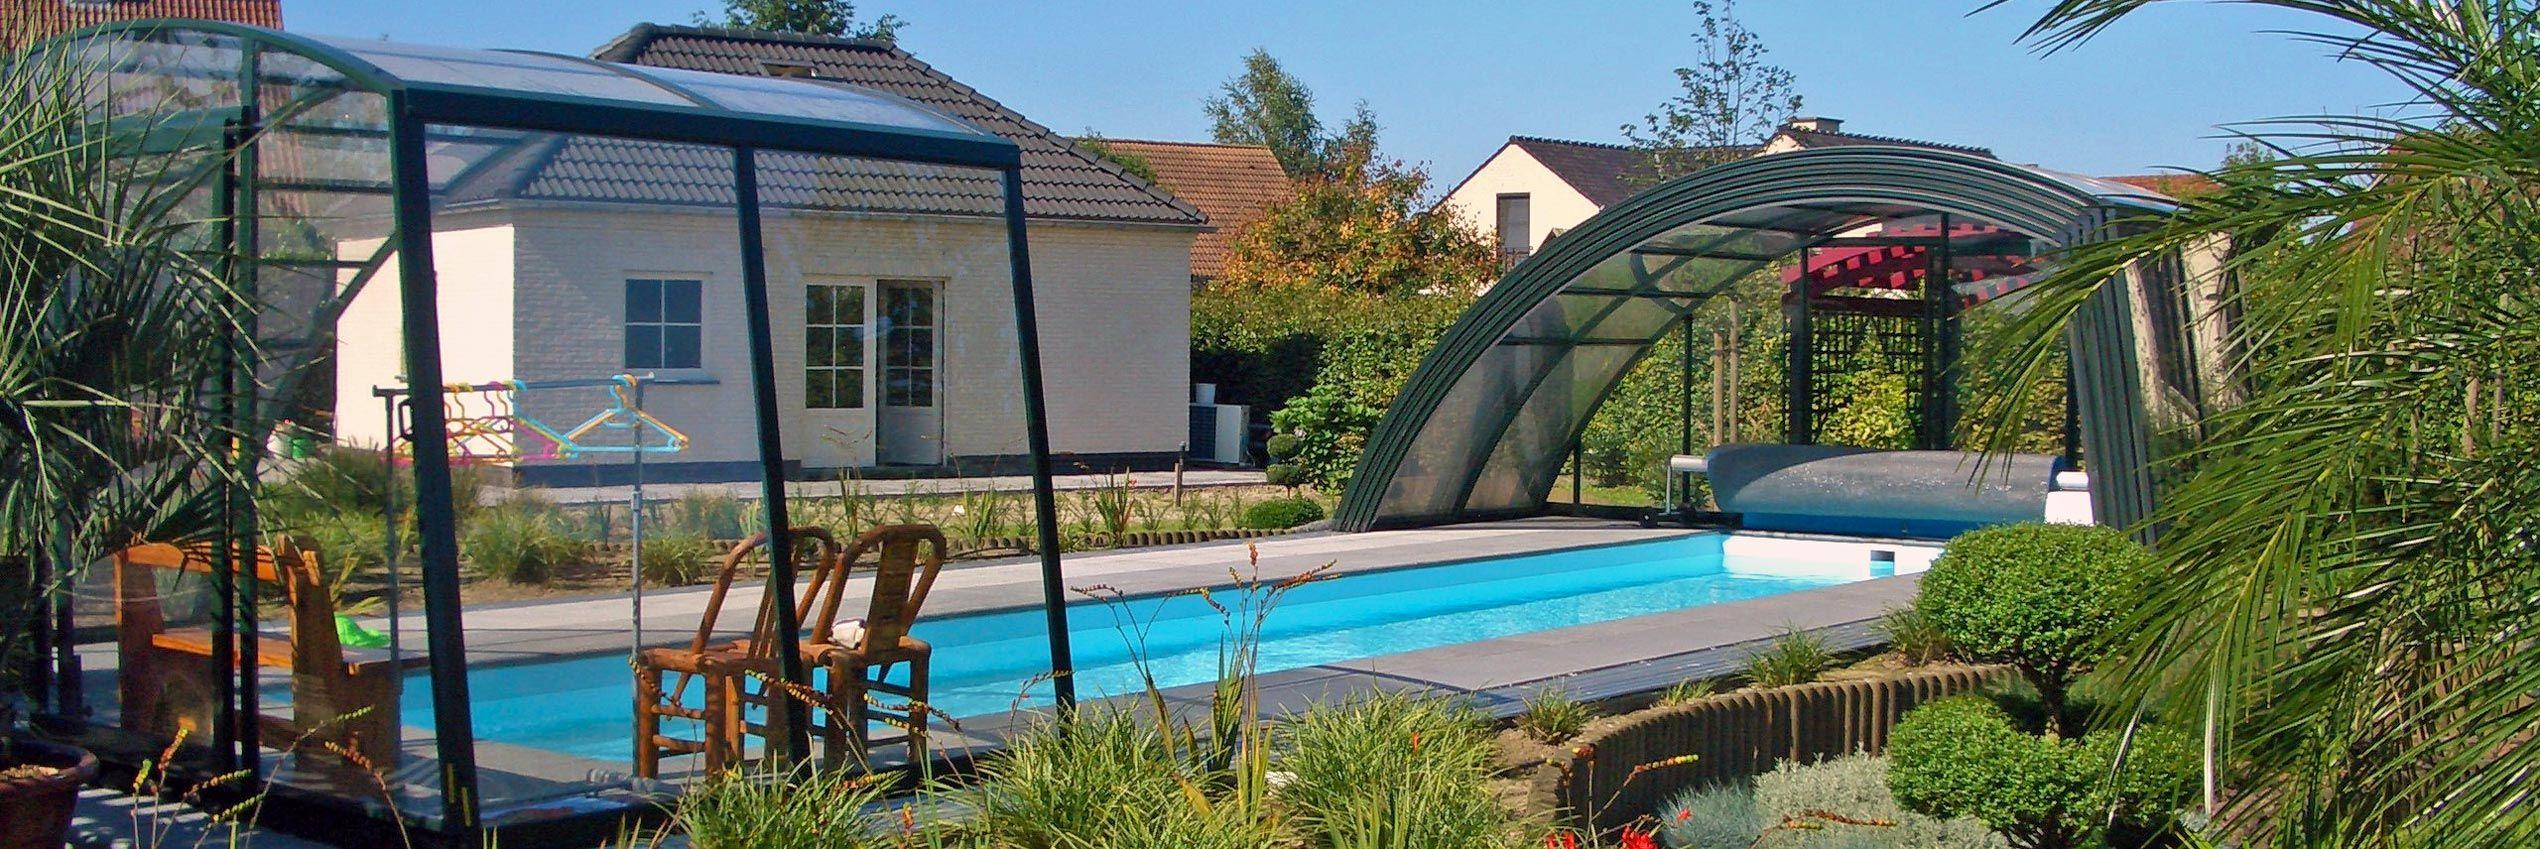 Abri de piscine Ravena fermé